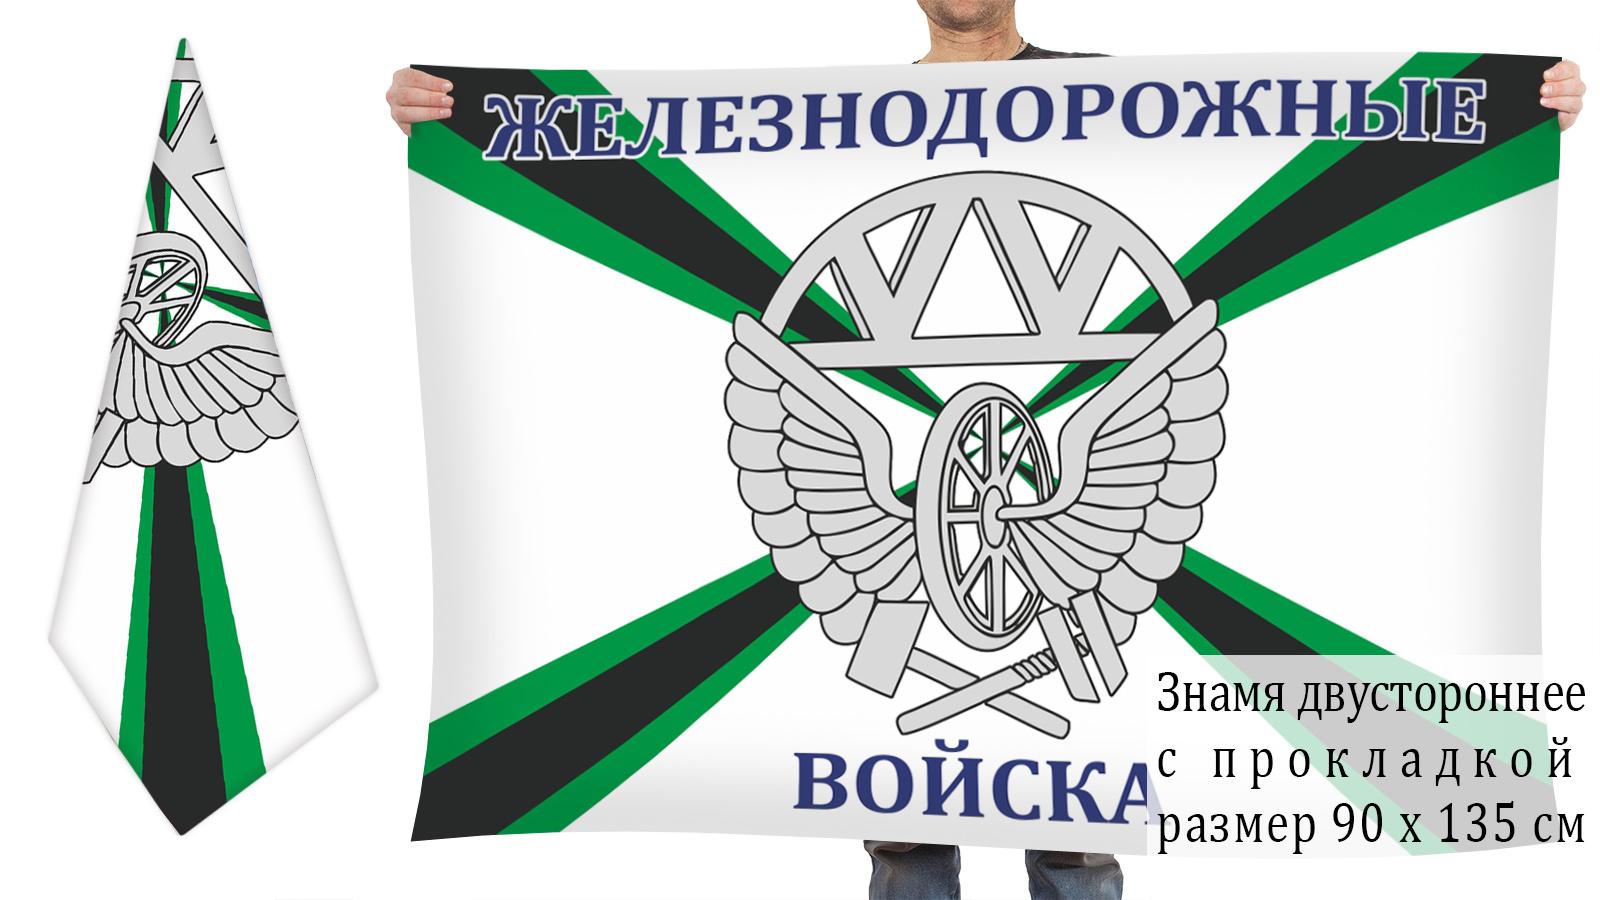 Двусторонний флаг Железнодорожные войска России